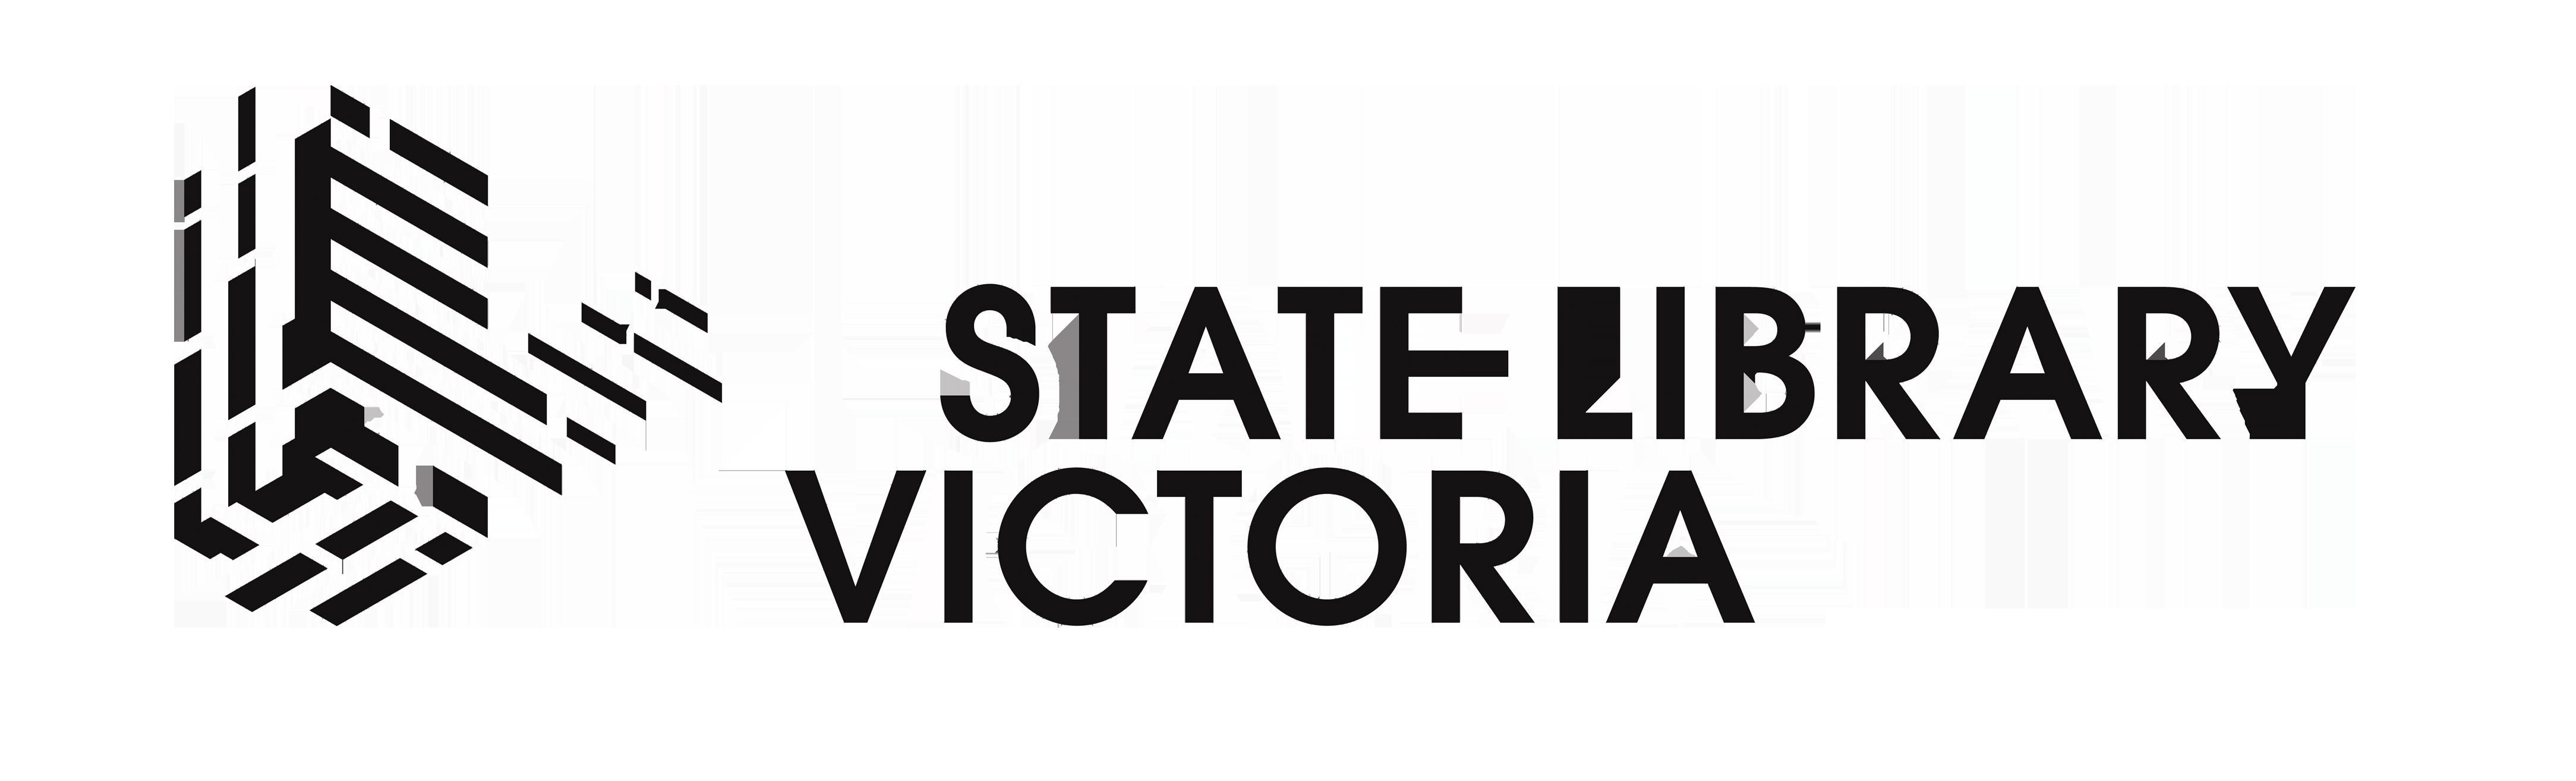 State Library Victoria button